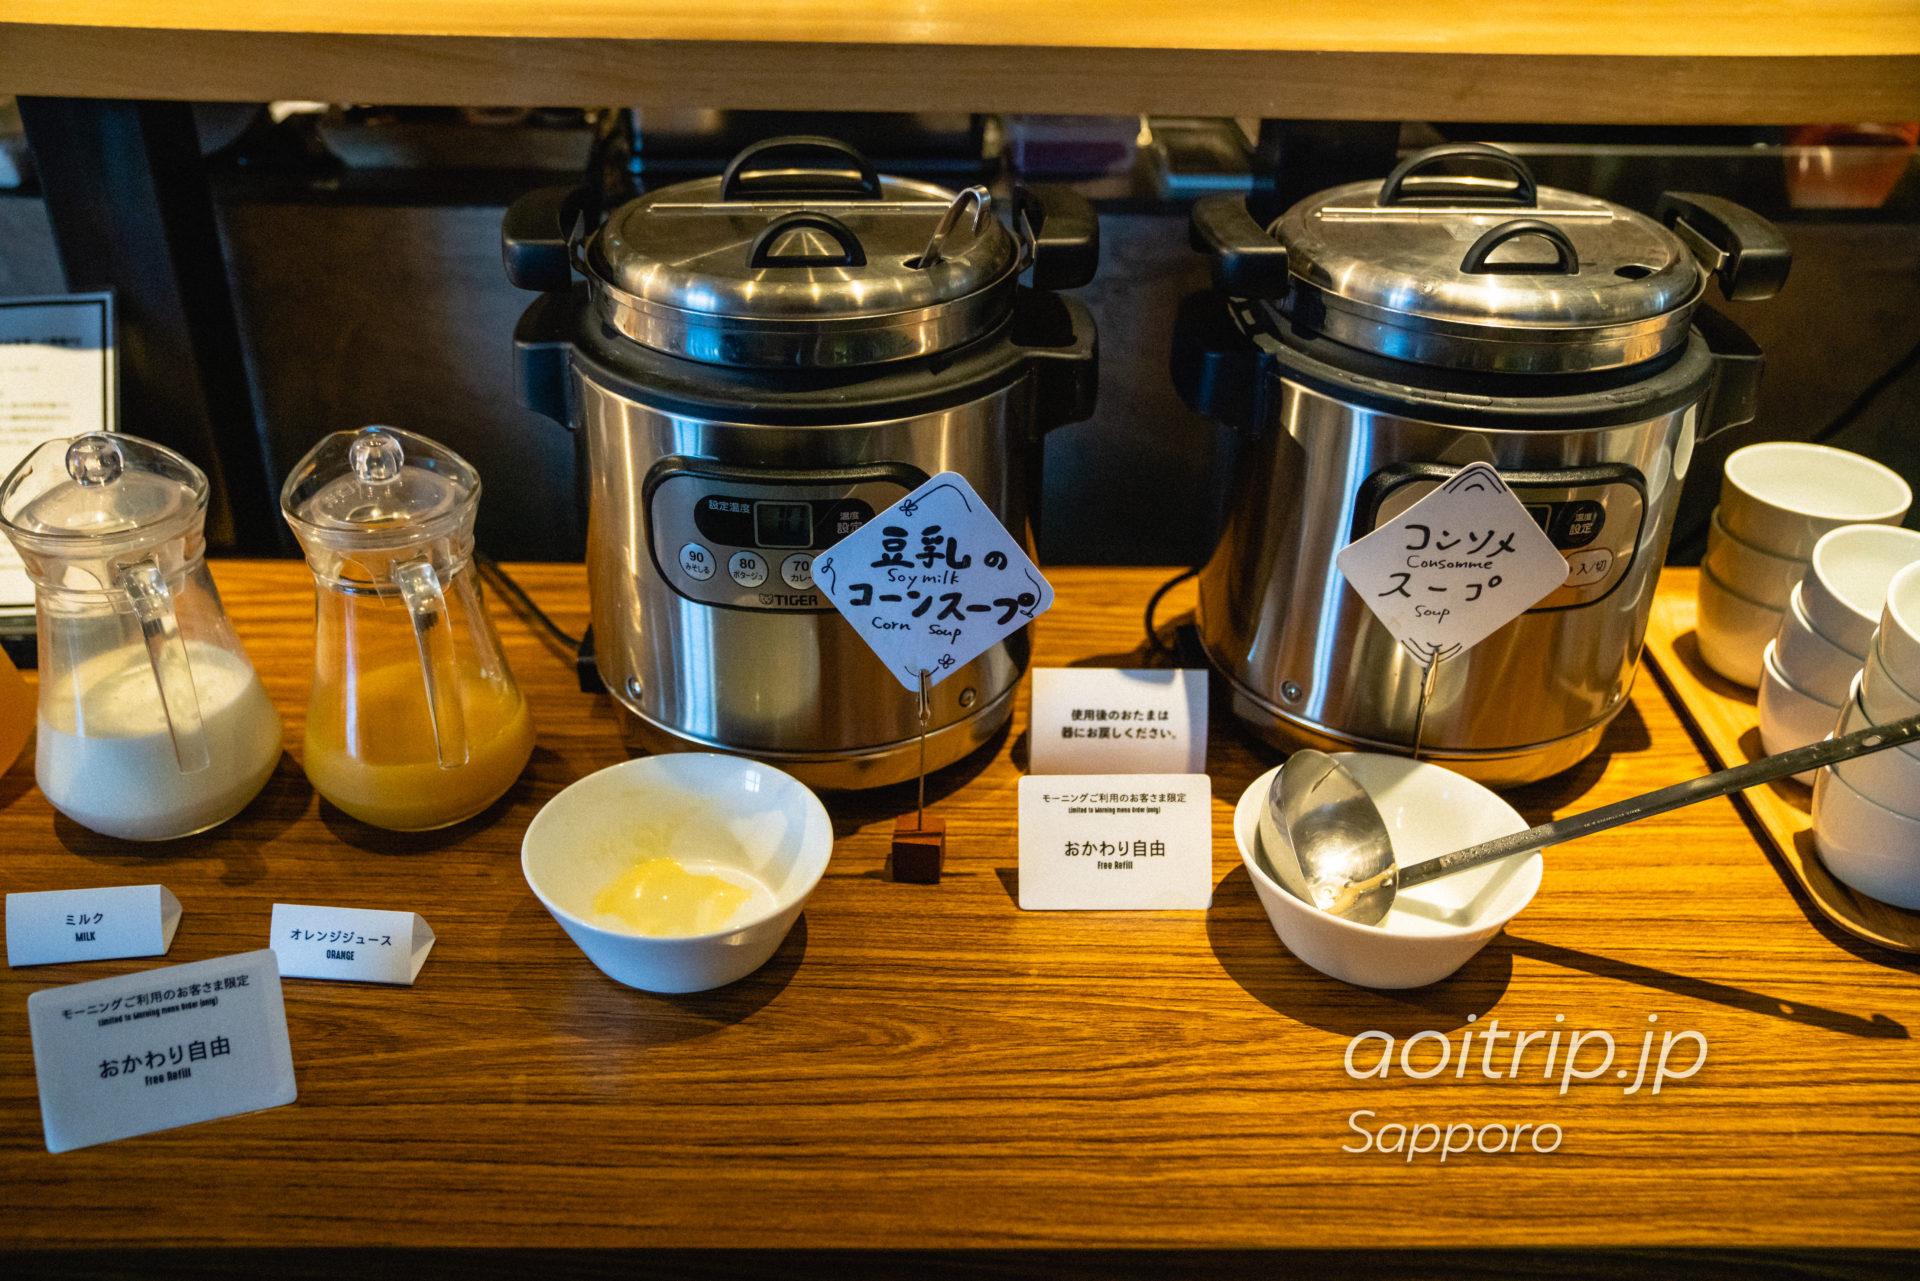 ホテル ポットマムの1Fモリヒココーヒーの朝食